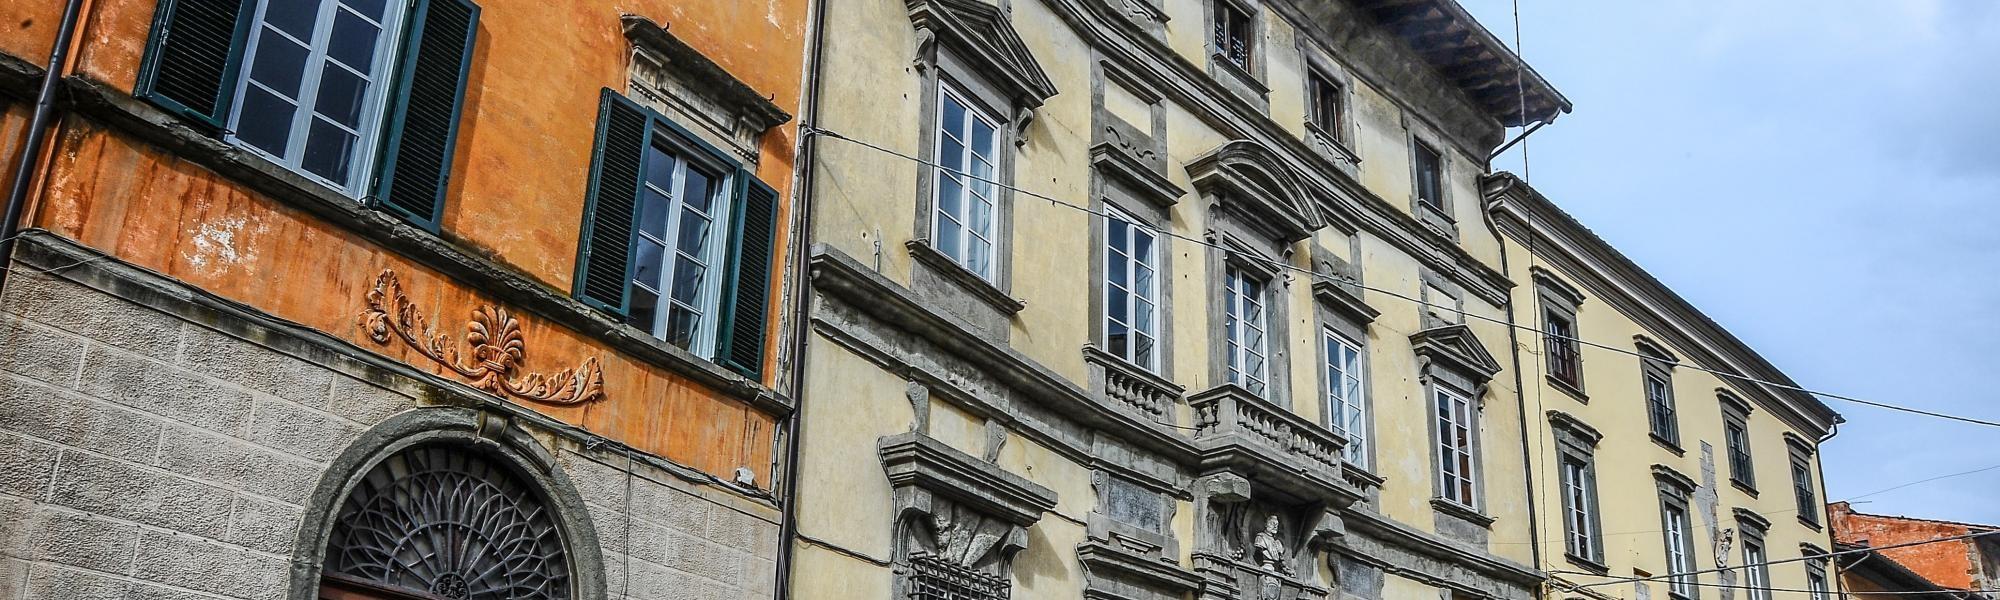 Palazzo Quaratesi (M. Pileri)